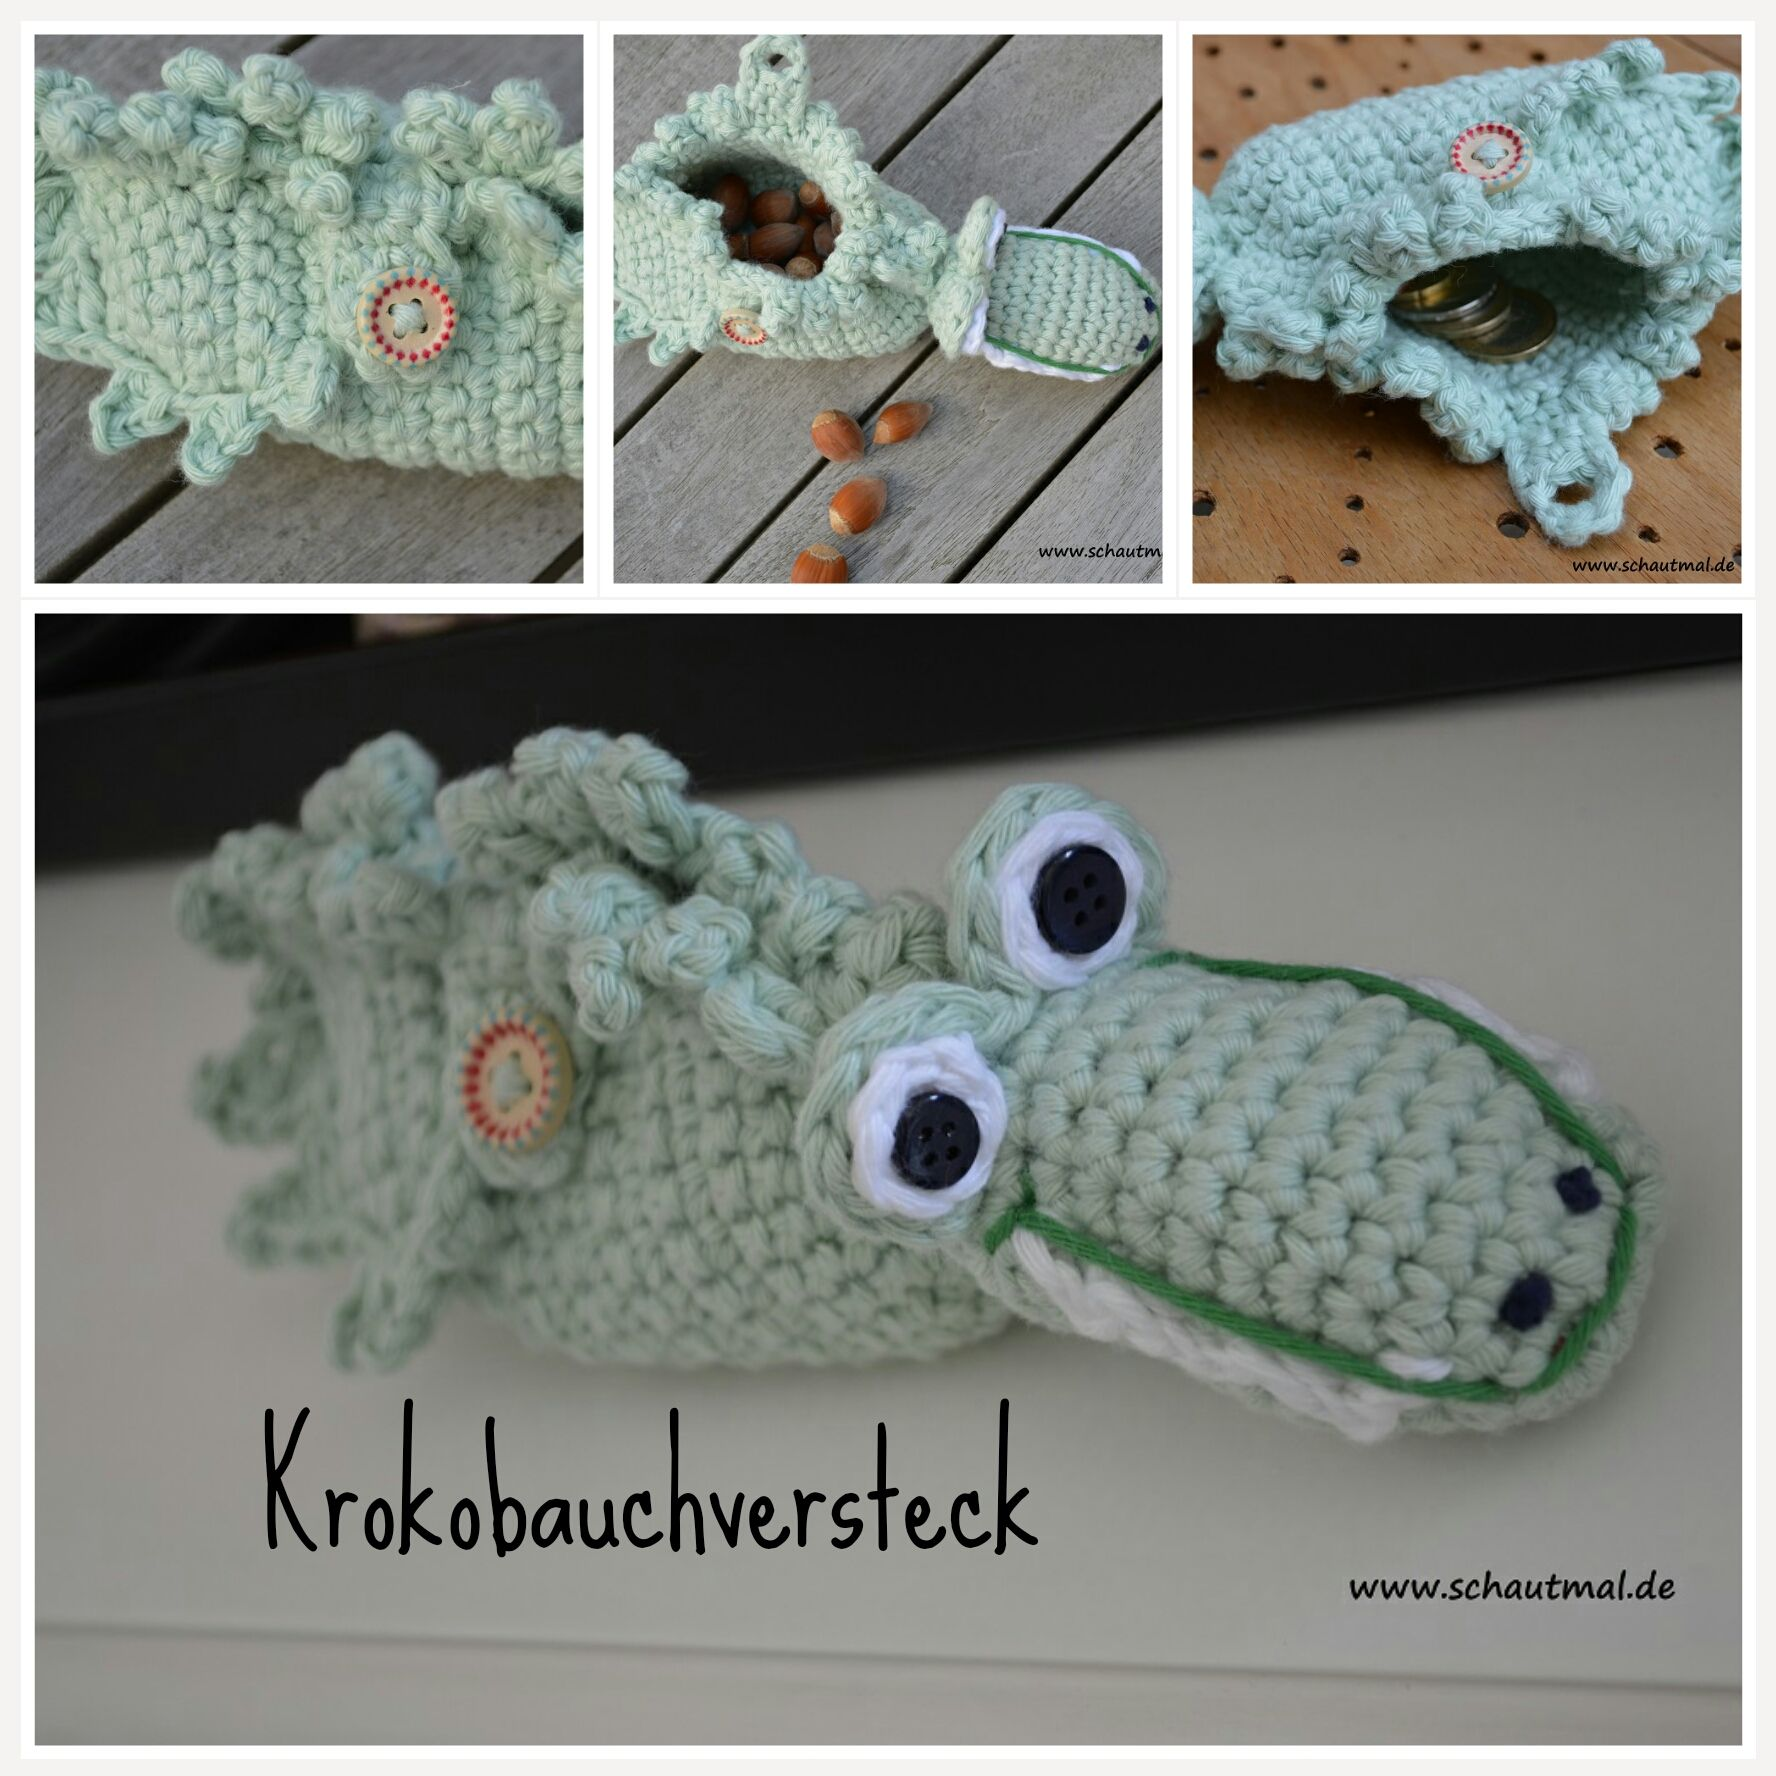 Krokobauch-Versteck. Gratis Häkelanleitung von www.schautmal.de ...